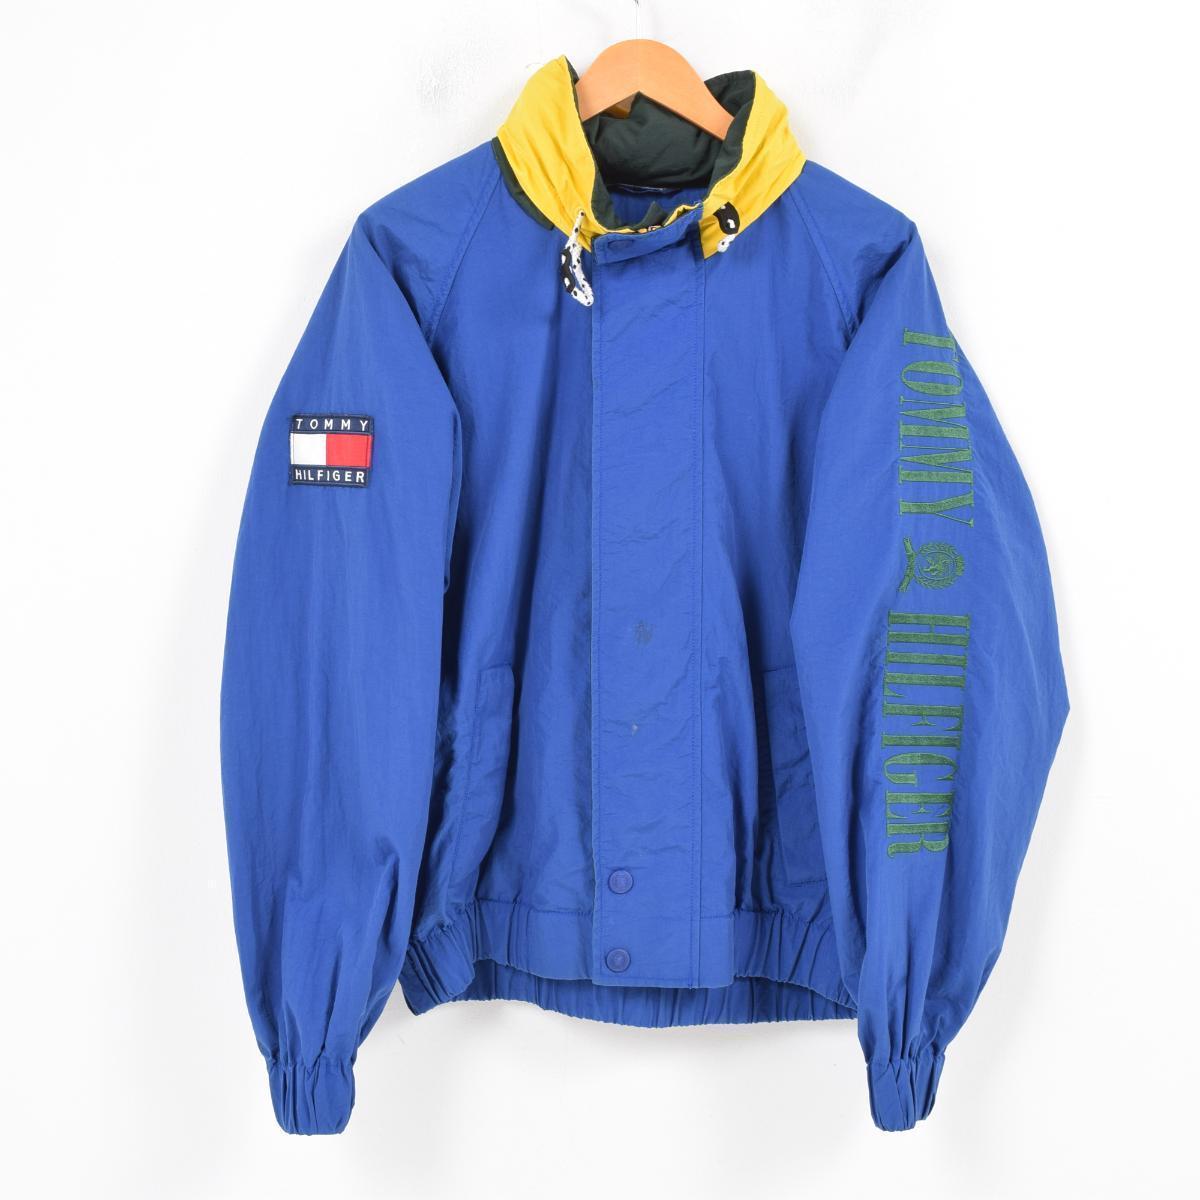 90年代 トミーヒルフィガー TOMMY HILFIGER 袖ロゴ刺繍 セーリングジャケット メンズXL /wal9042 【中古】 【180203】